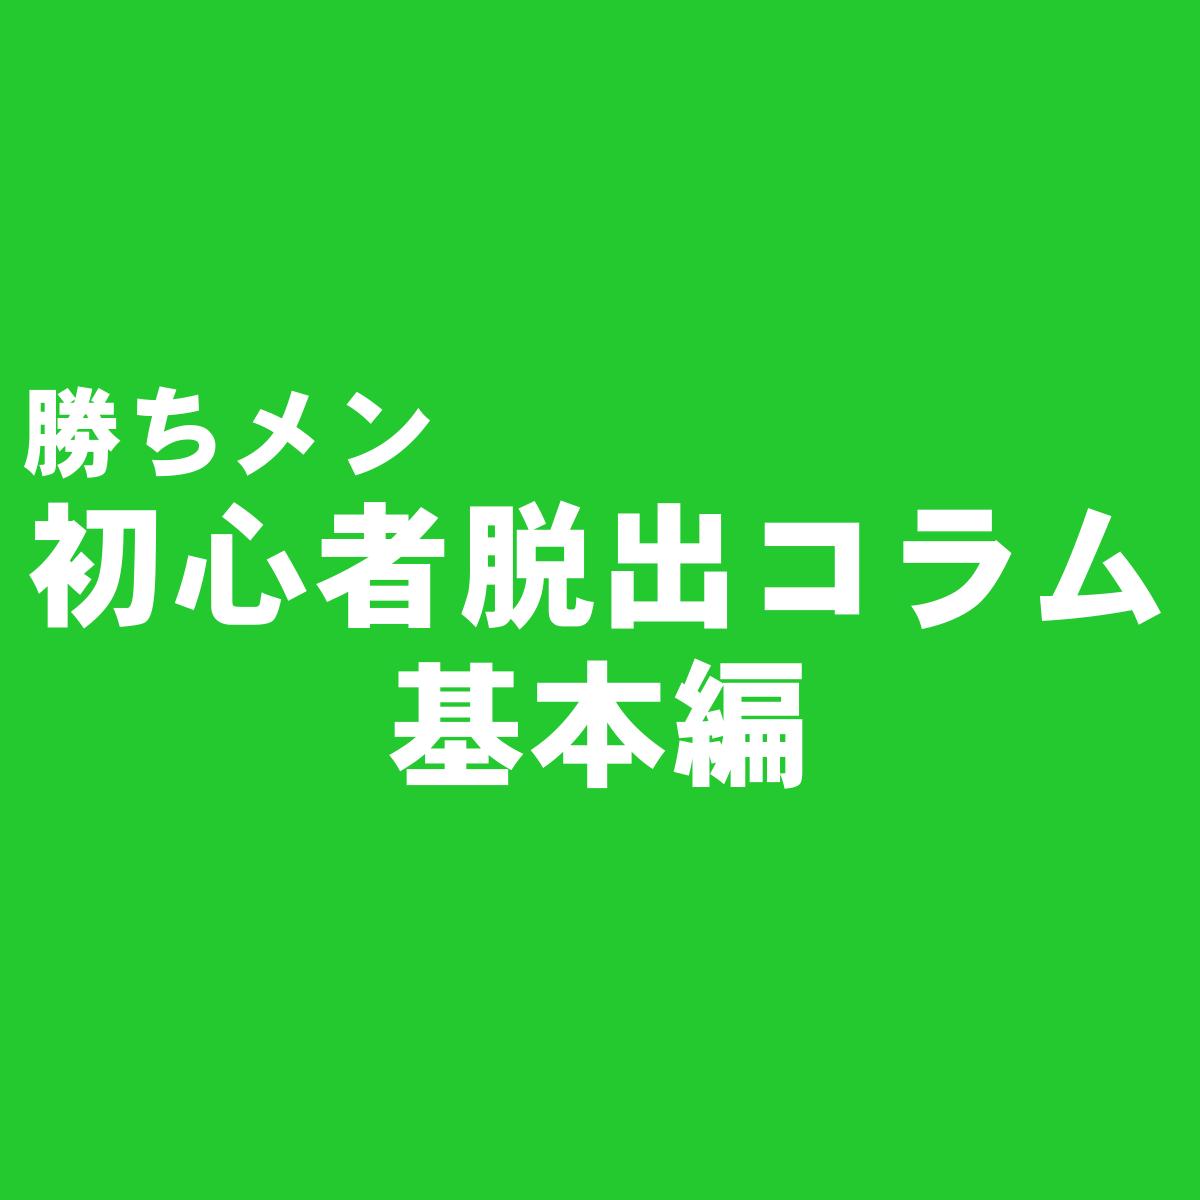 初心者脱出コラム基本編